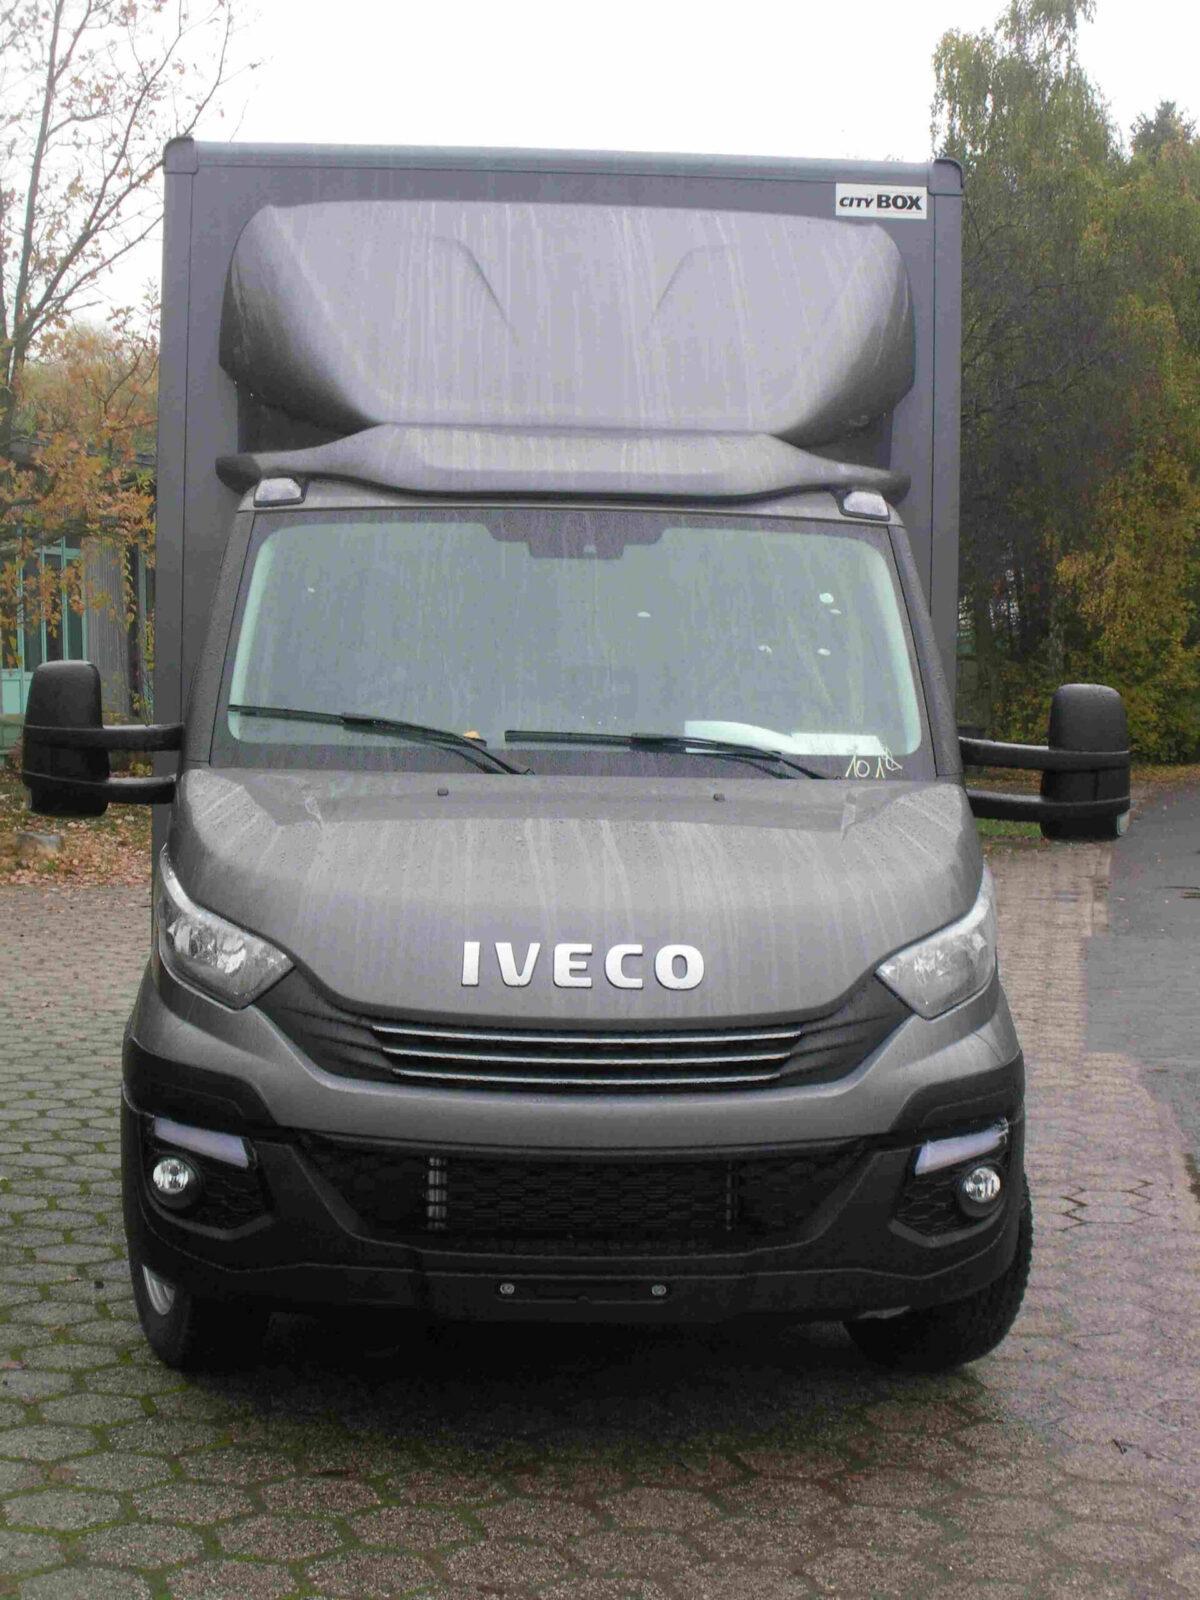 ECONOMY Blattspoiler für Iveco Eurocargo, Normalfahrerhaus B 1750 x L 1250 mm für abc aeroline